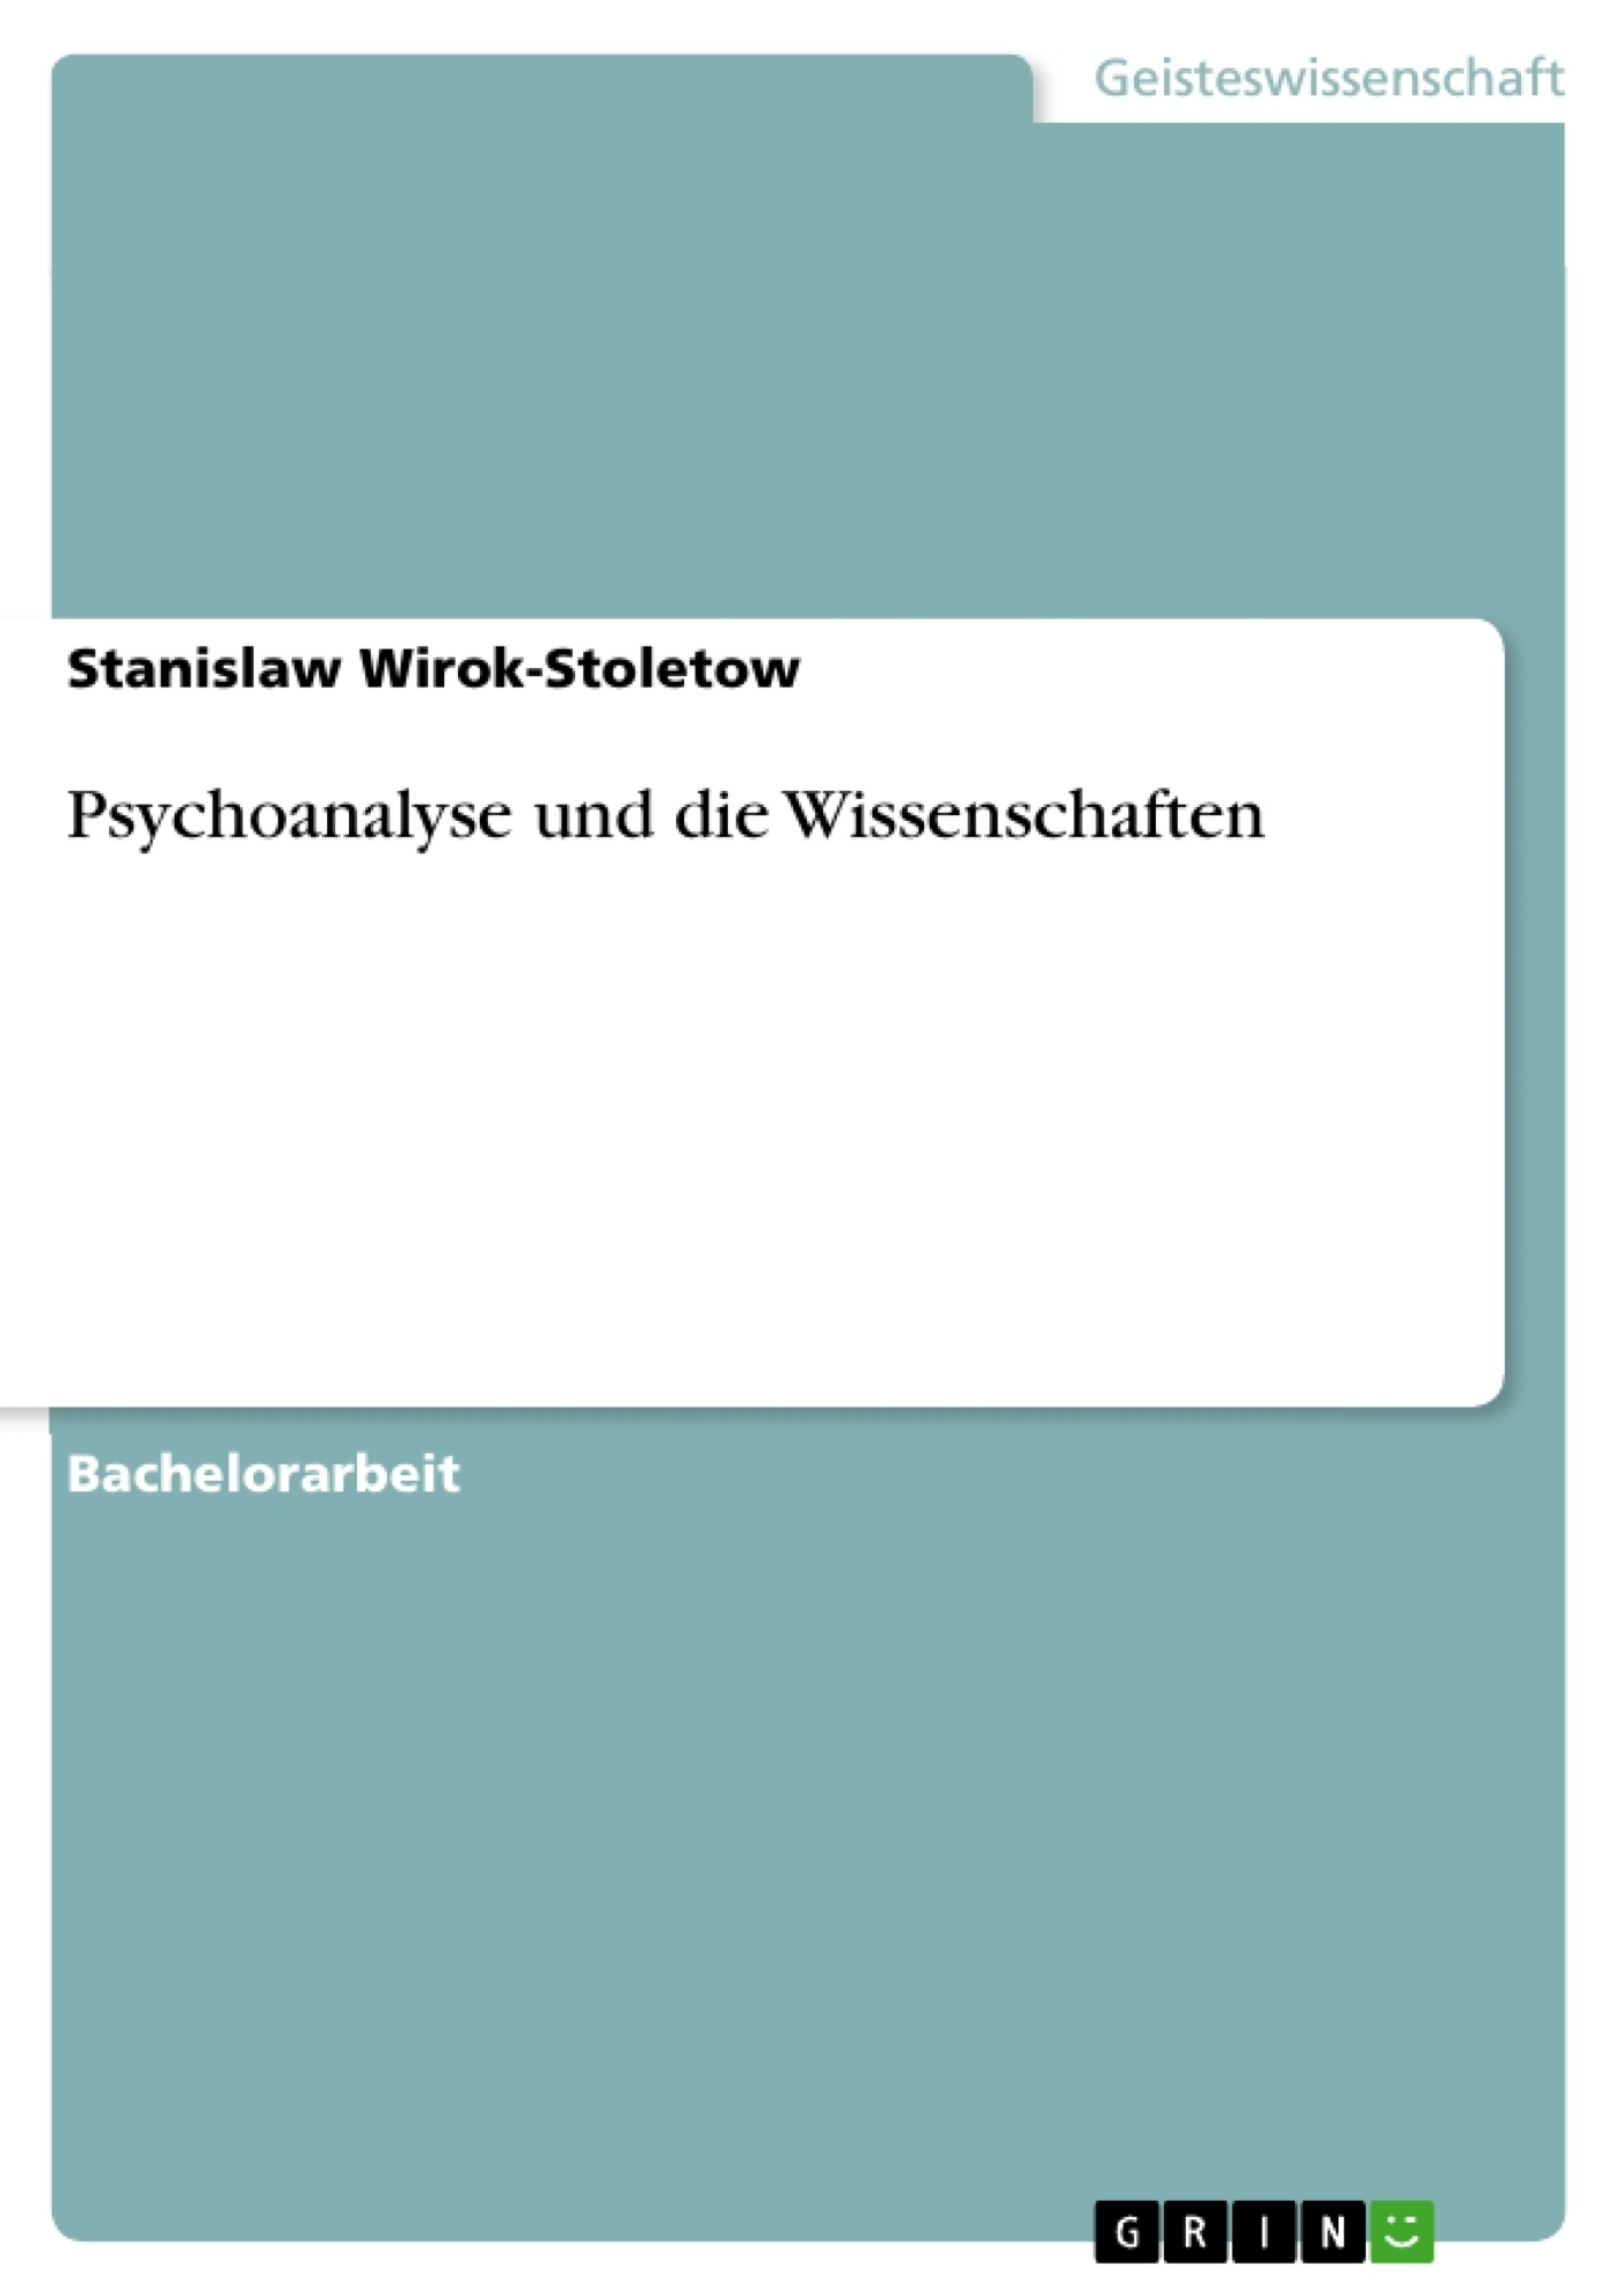 Titel: Psychoanalyse und die Wissenschaften